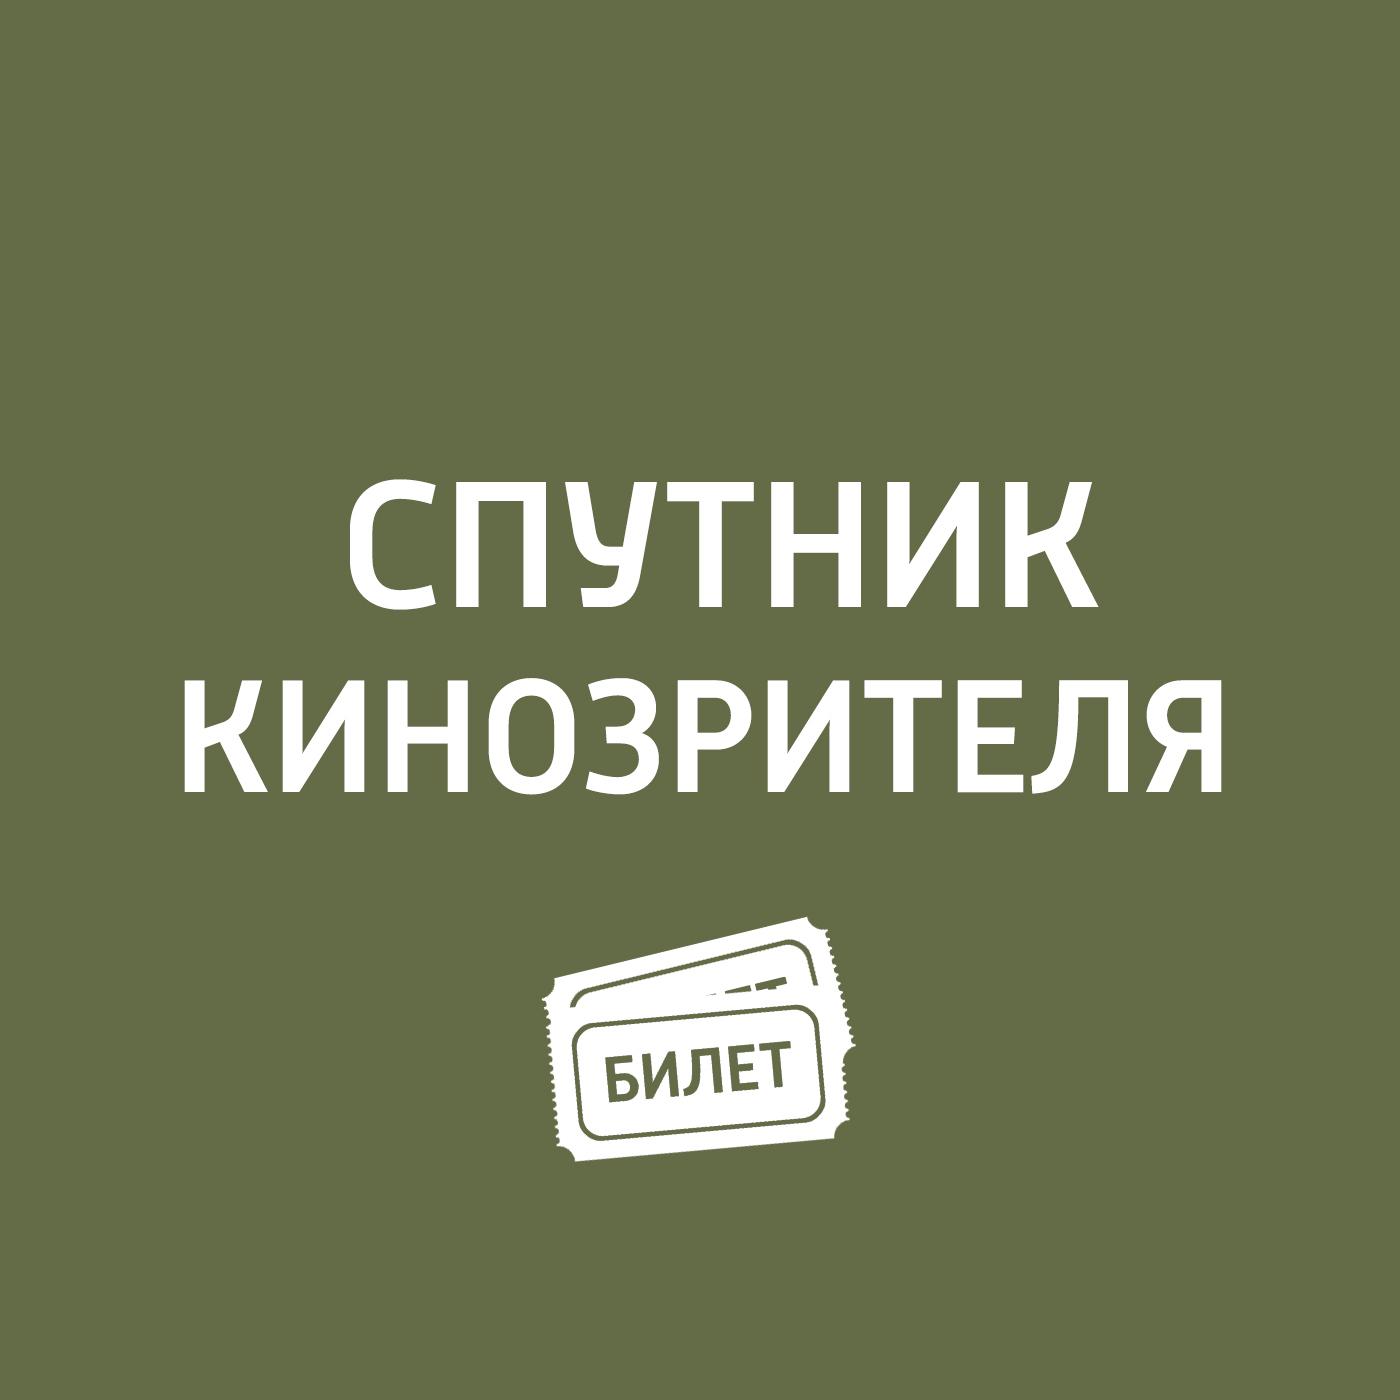 Антон Долин О Римском кинофестивале